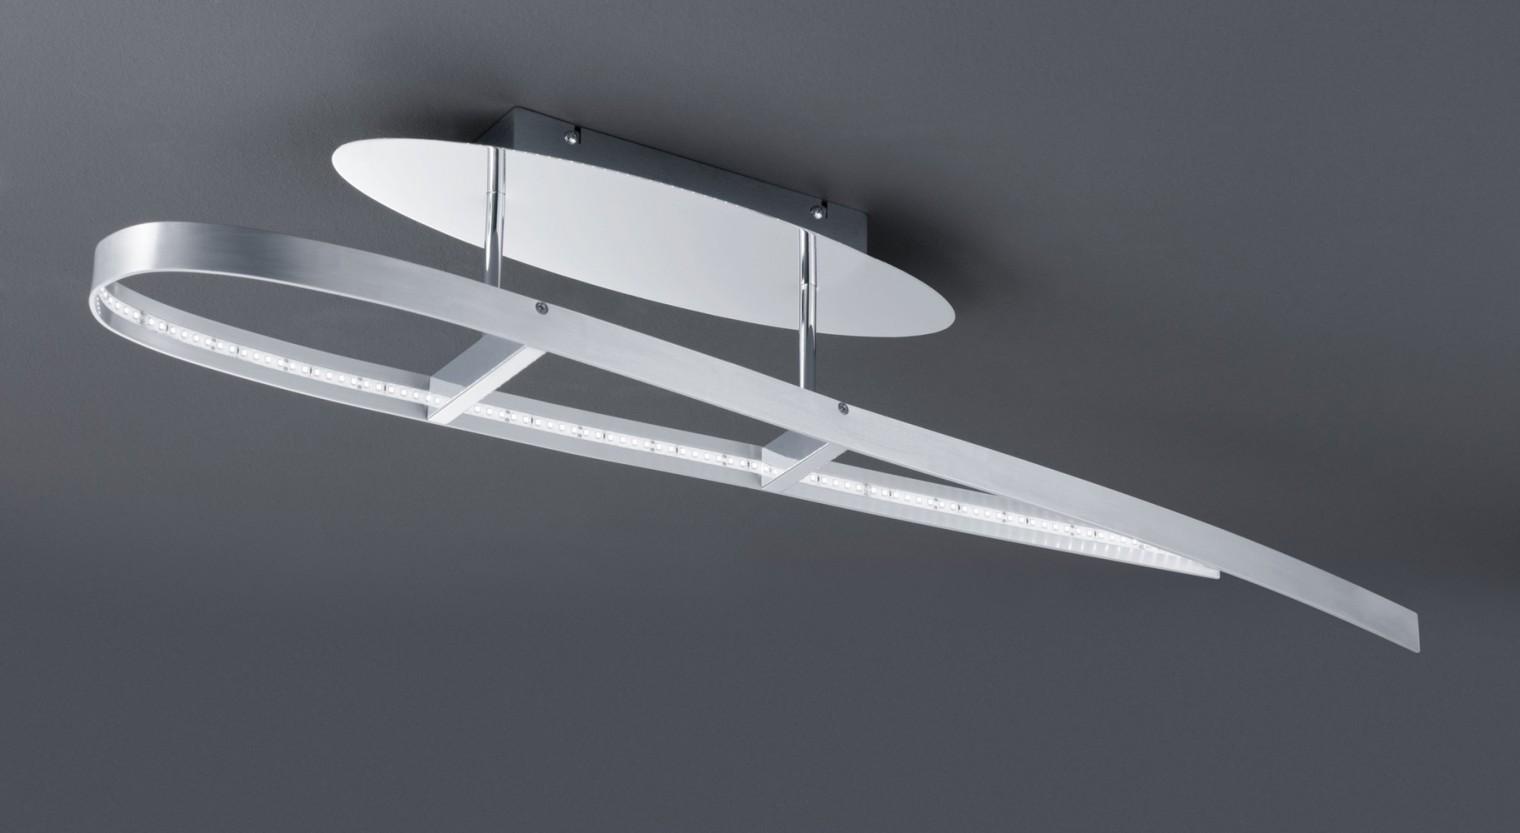 Parabol - TR 672712005, LED (stříbrná)